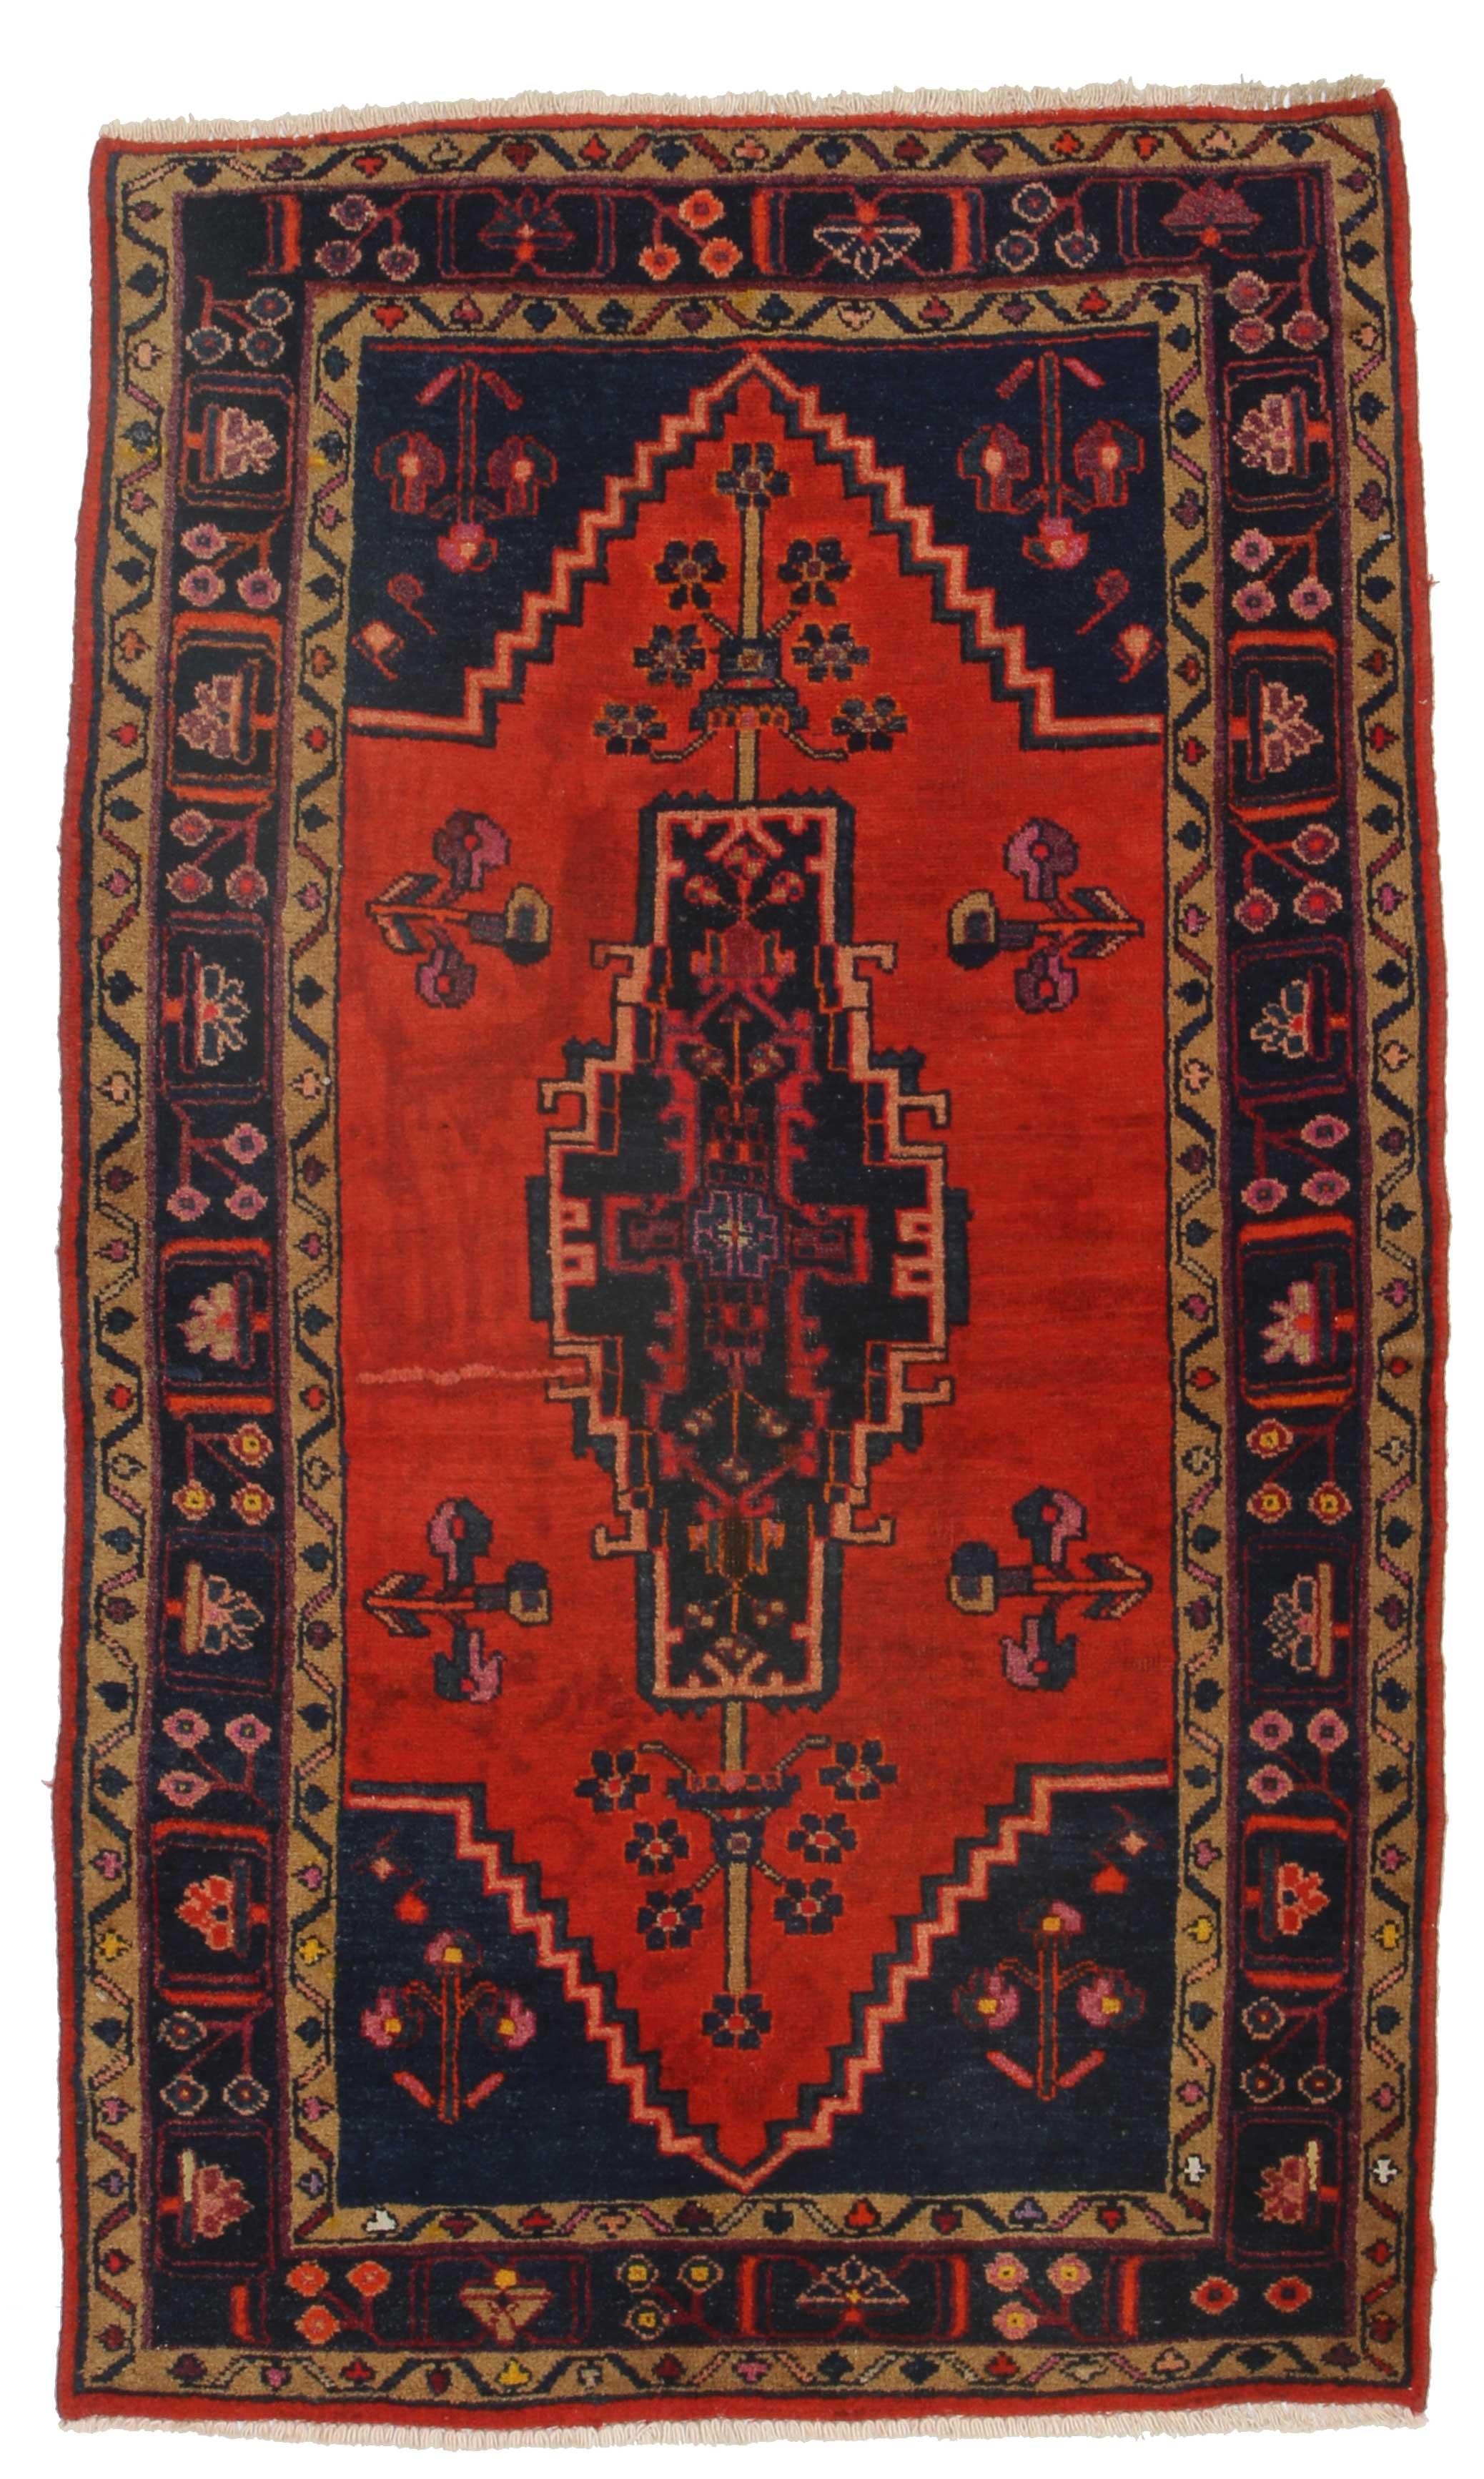 4 X 6 Vintage Persian Hamedan Rug 9848 Exclusive Oriental Rugs